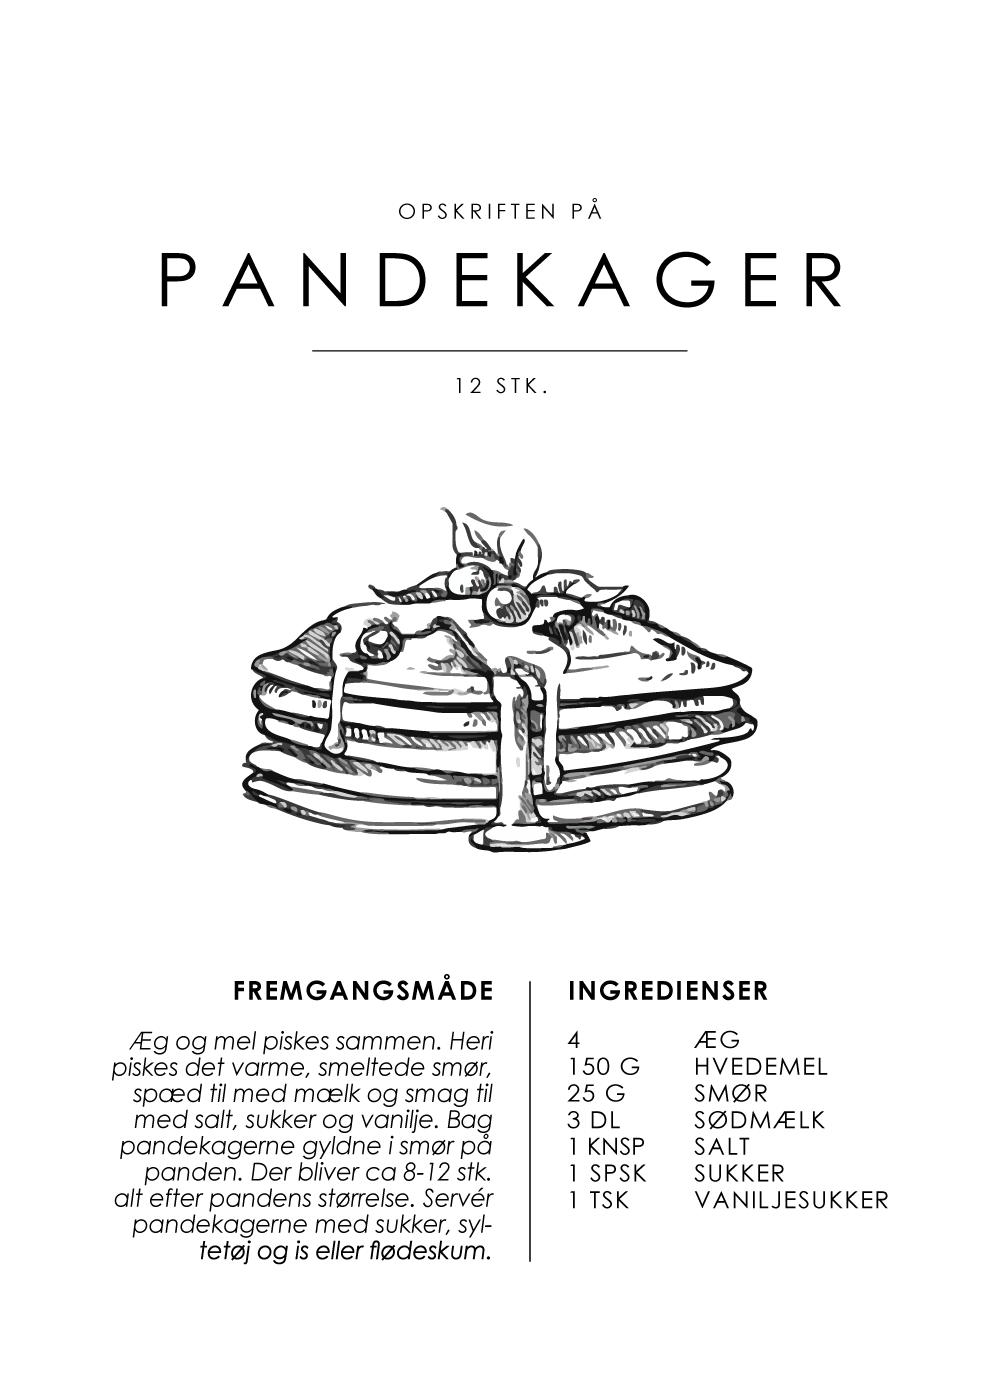 Billede af Pandekager opskrift - Kage guide plakat